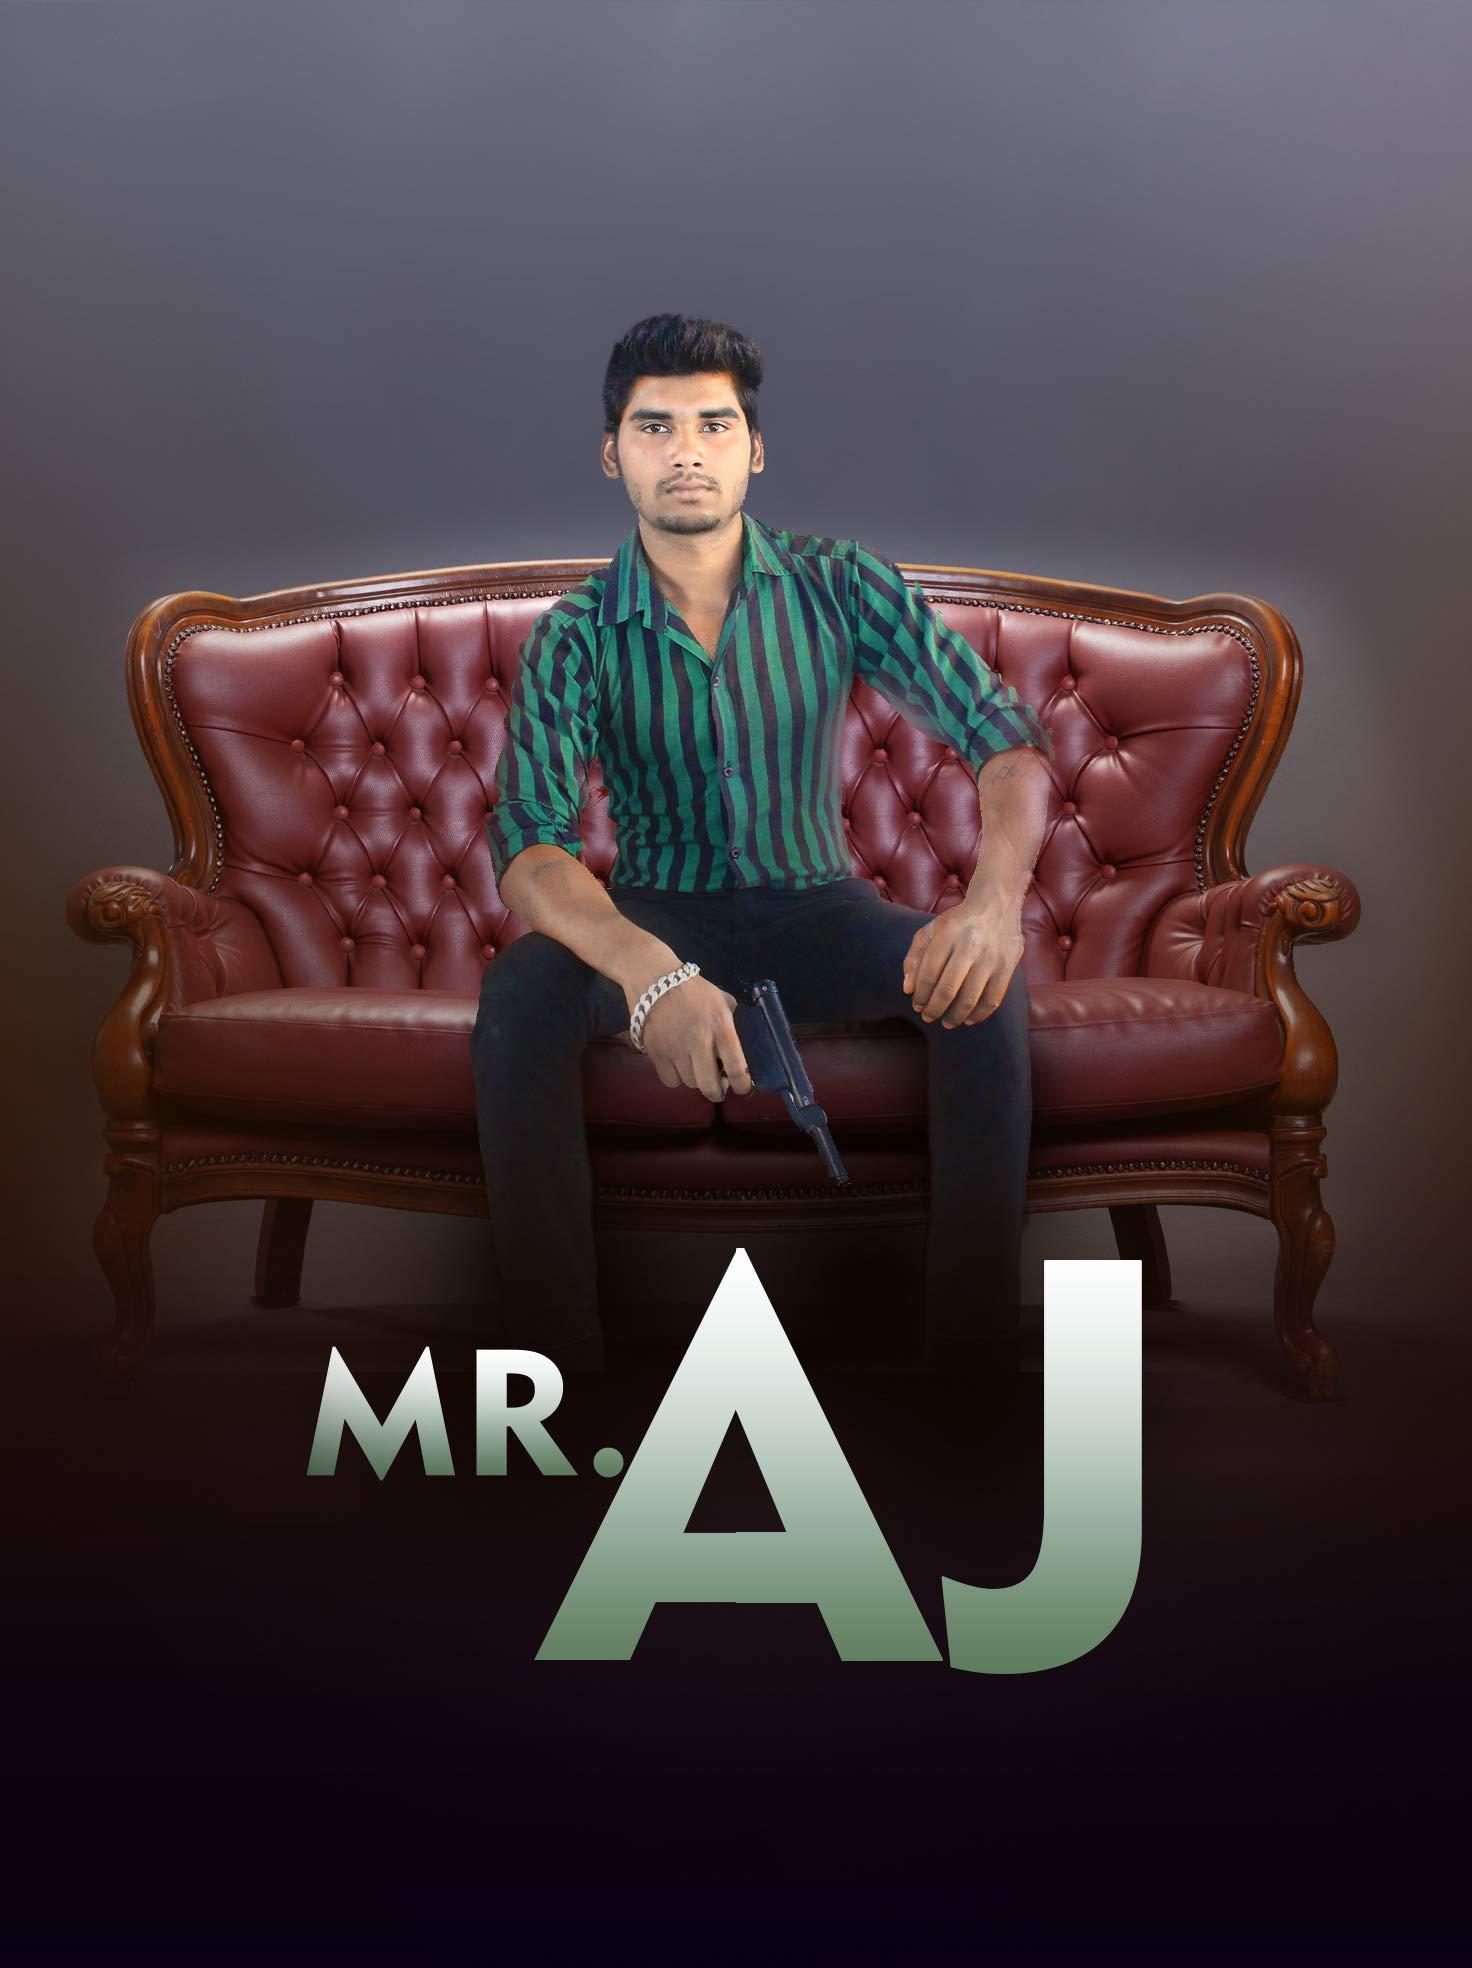 Clip: mr. AJ